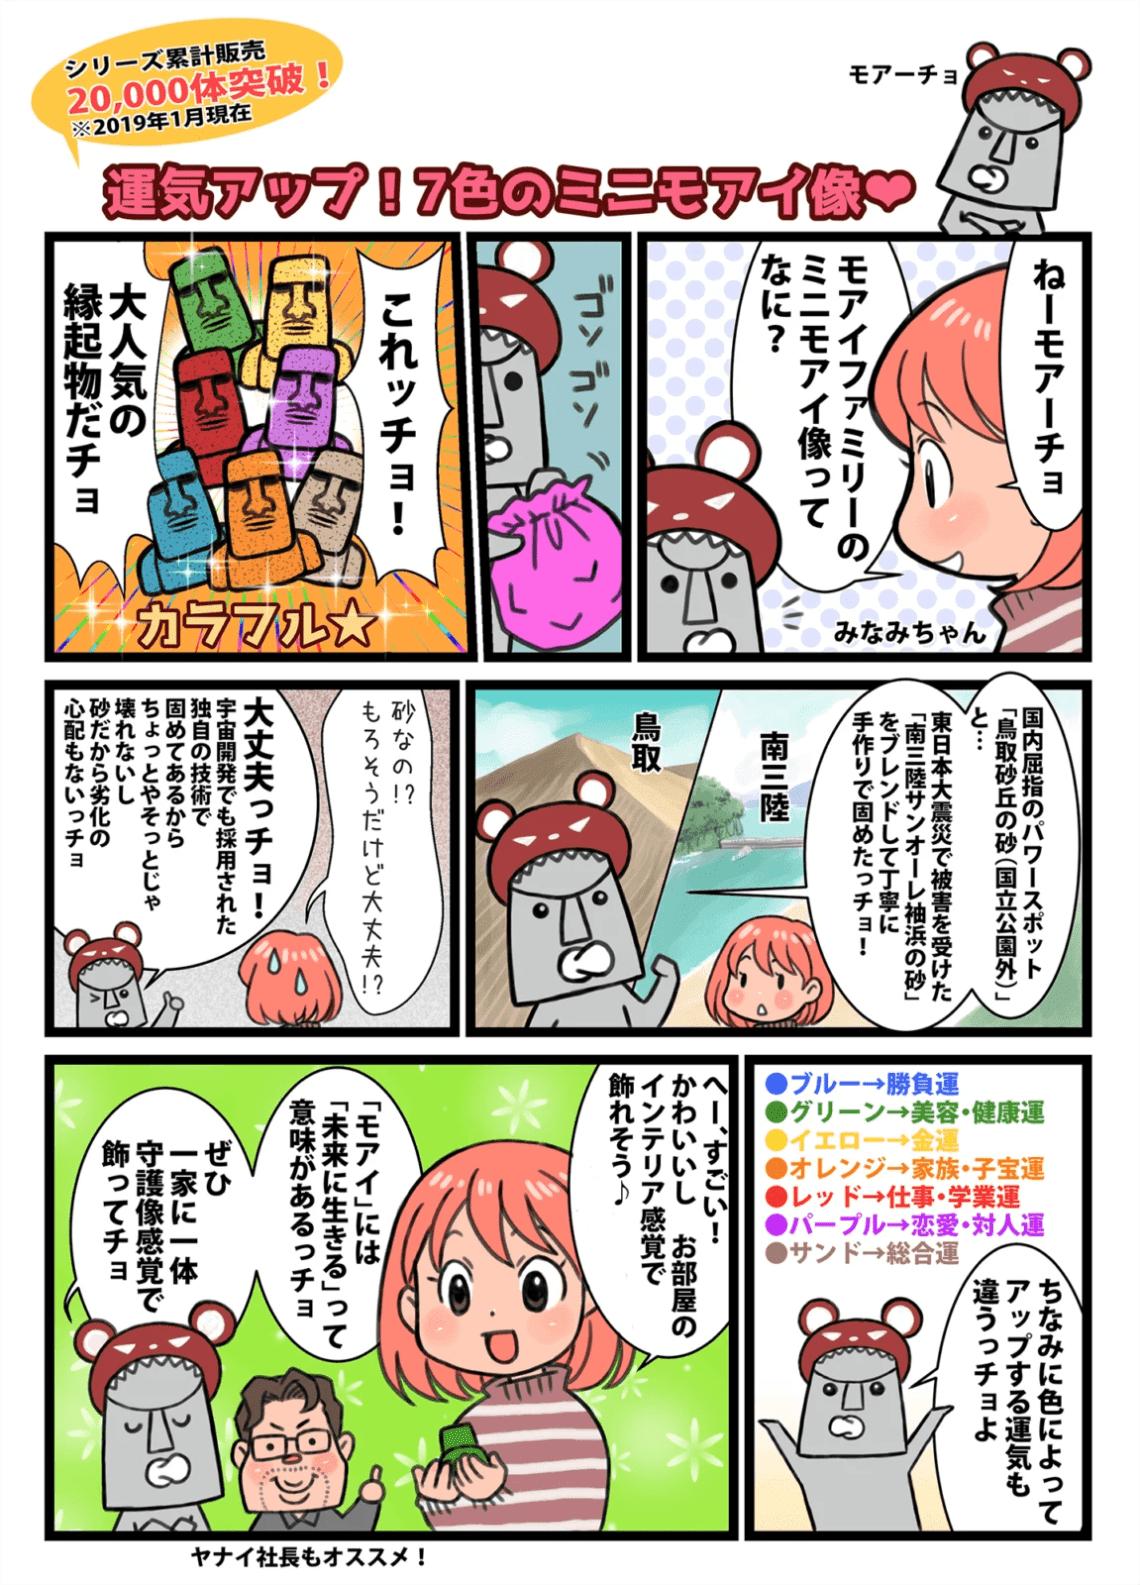 漫画:開運ミニモアイ像